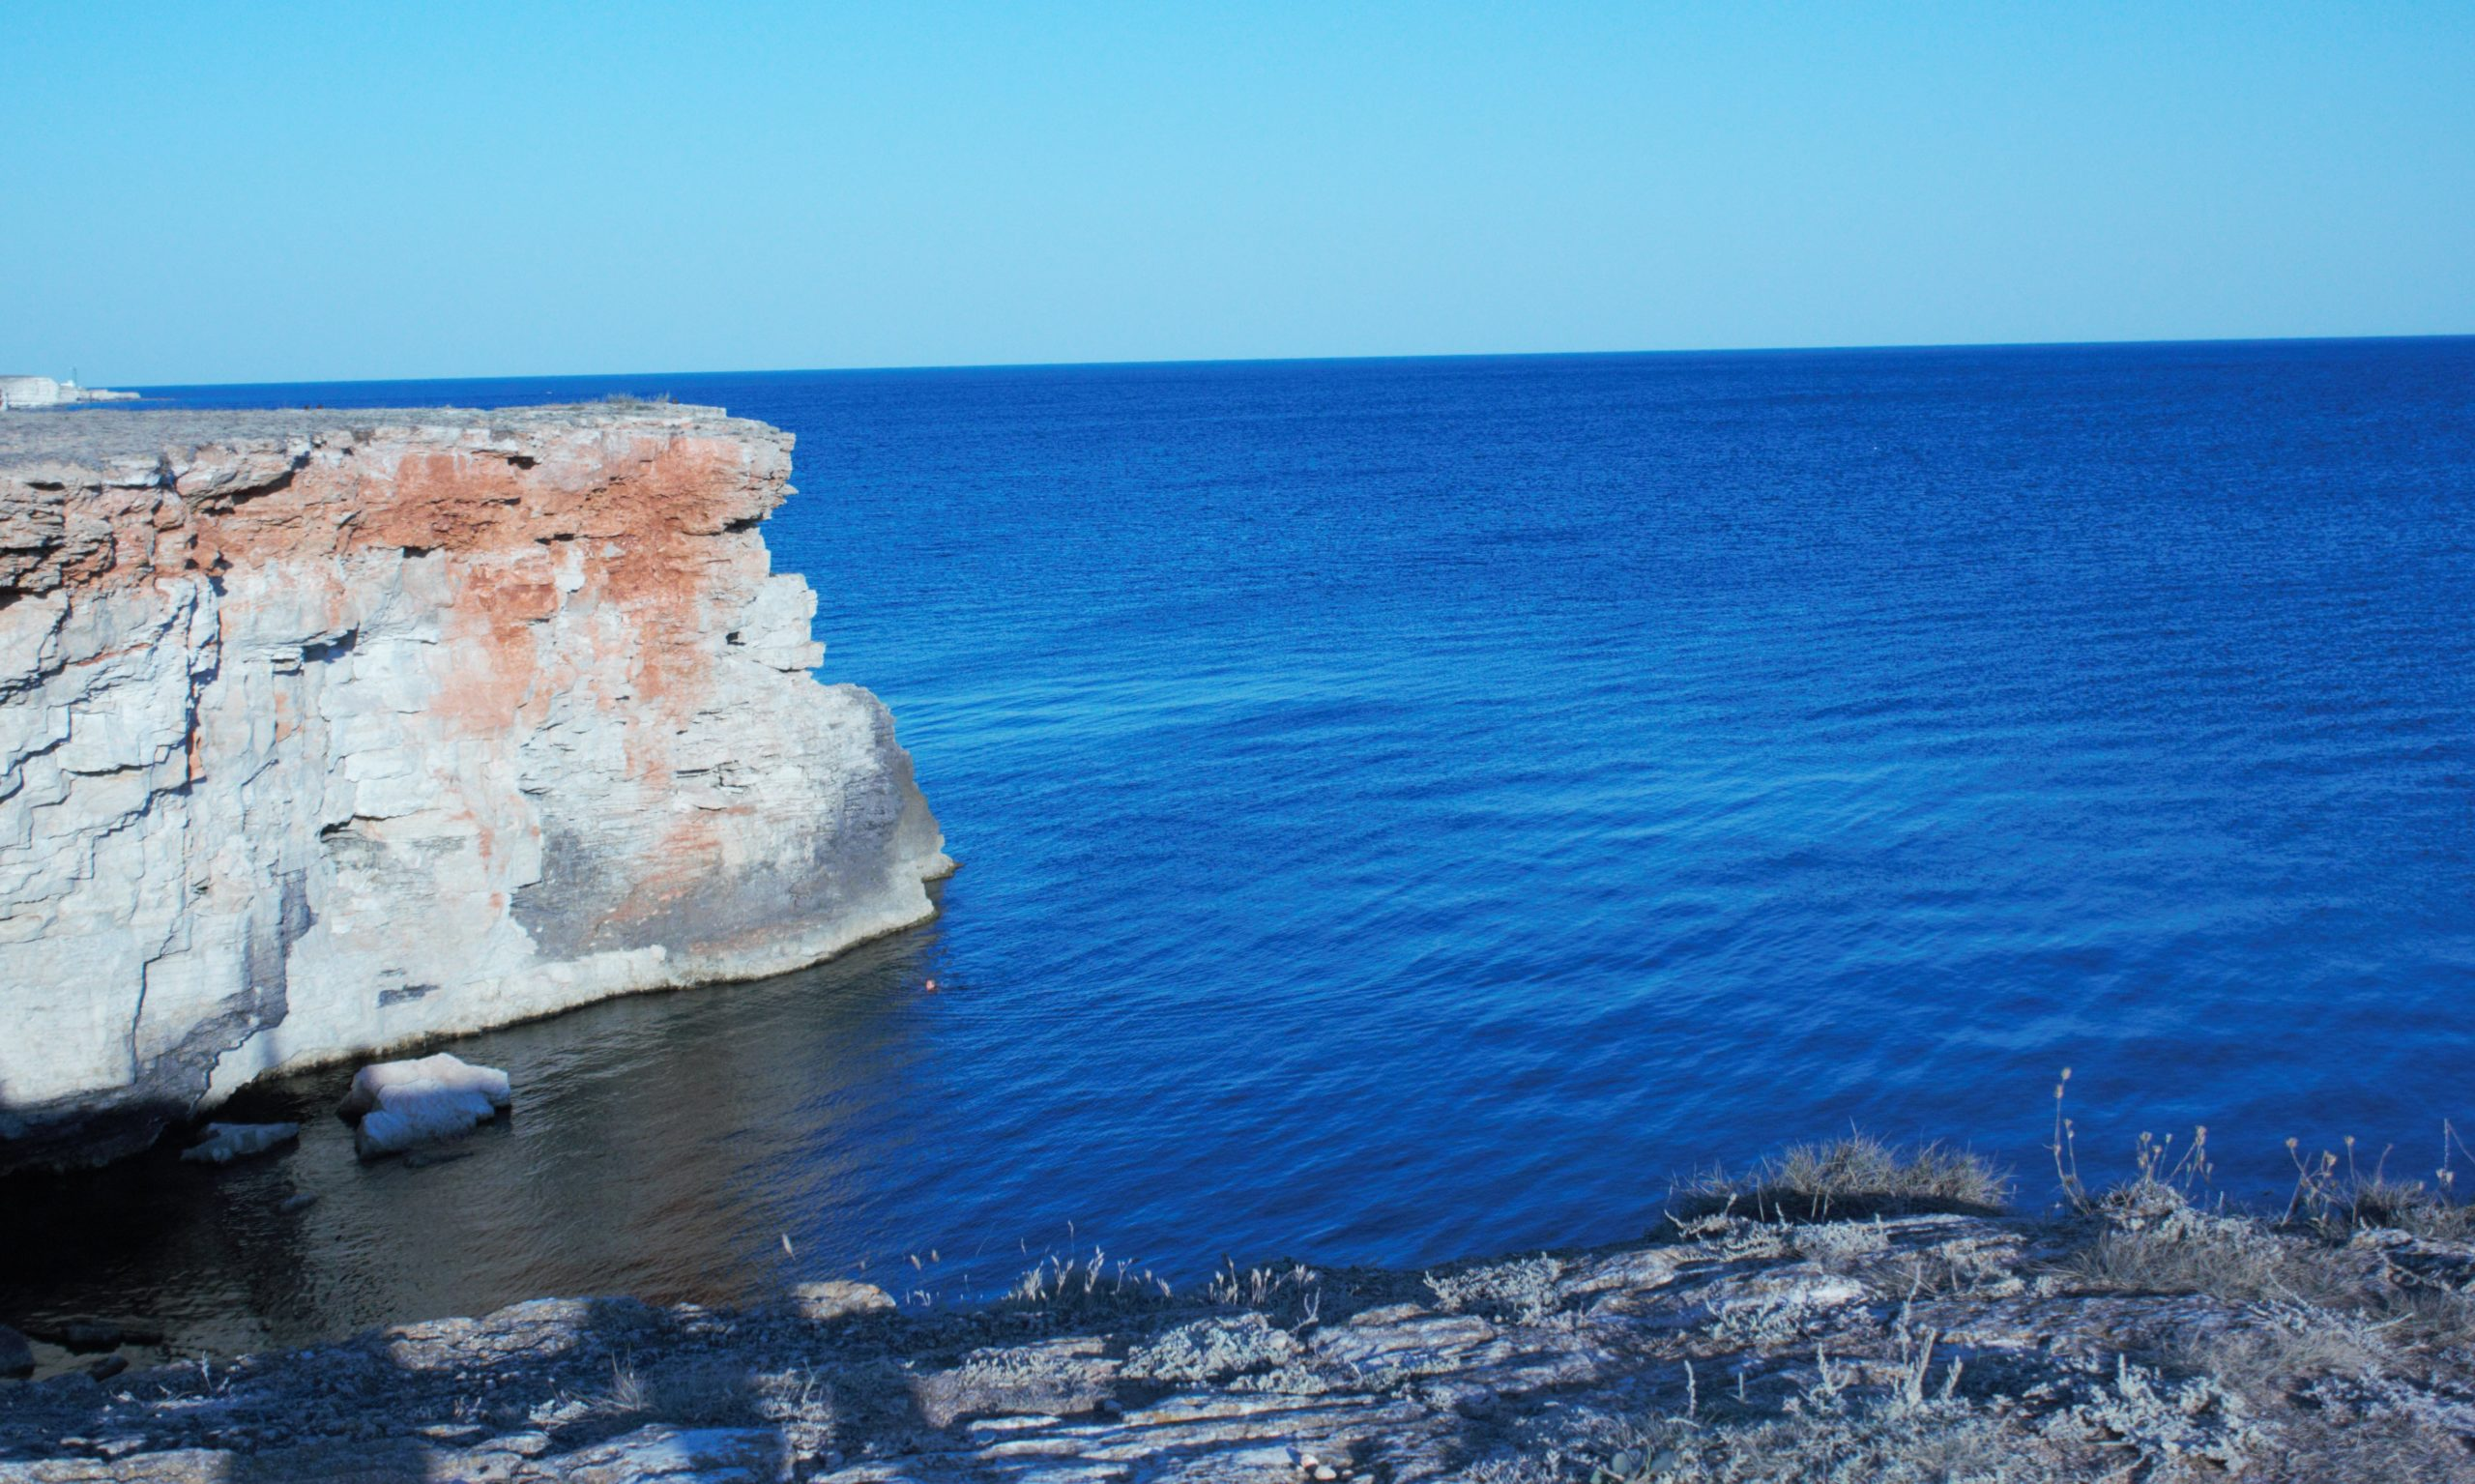 Польза морской воды. Купание в море после потопа. Наводнения на черноморском побережье.